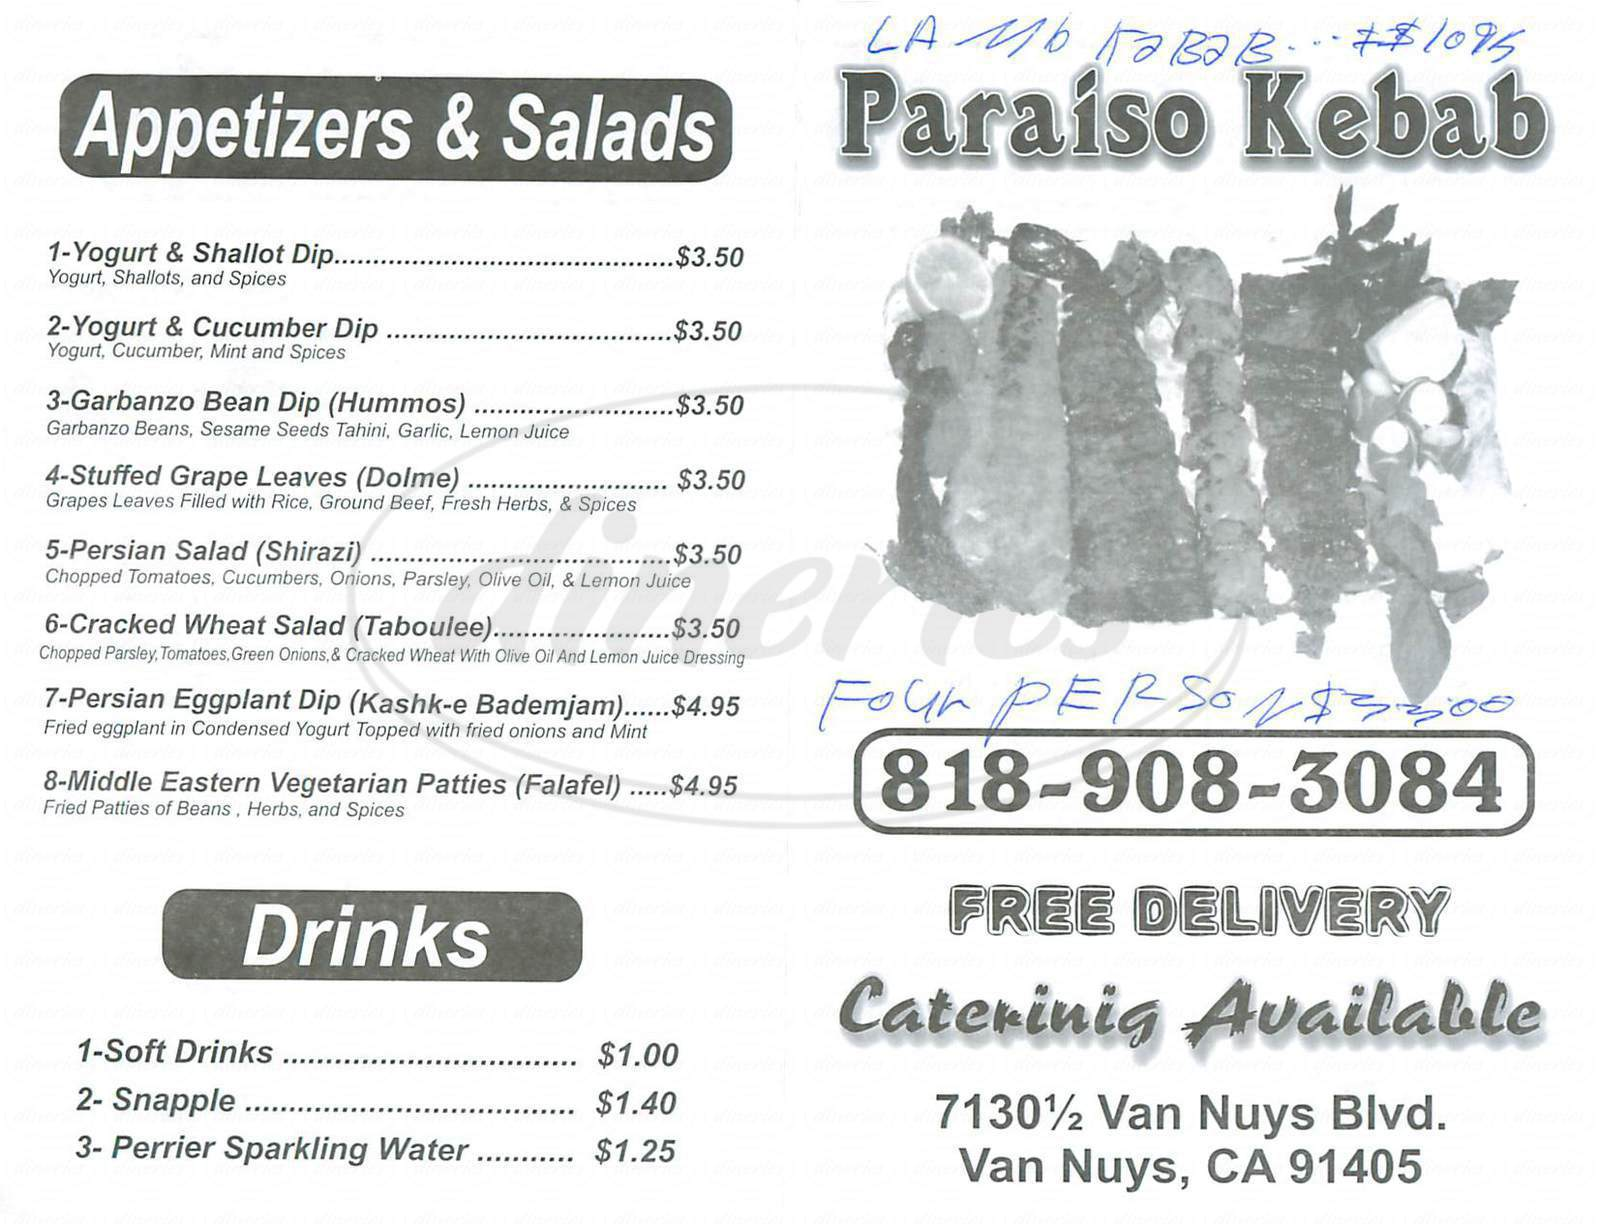 menu for Paraiso Kabab